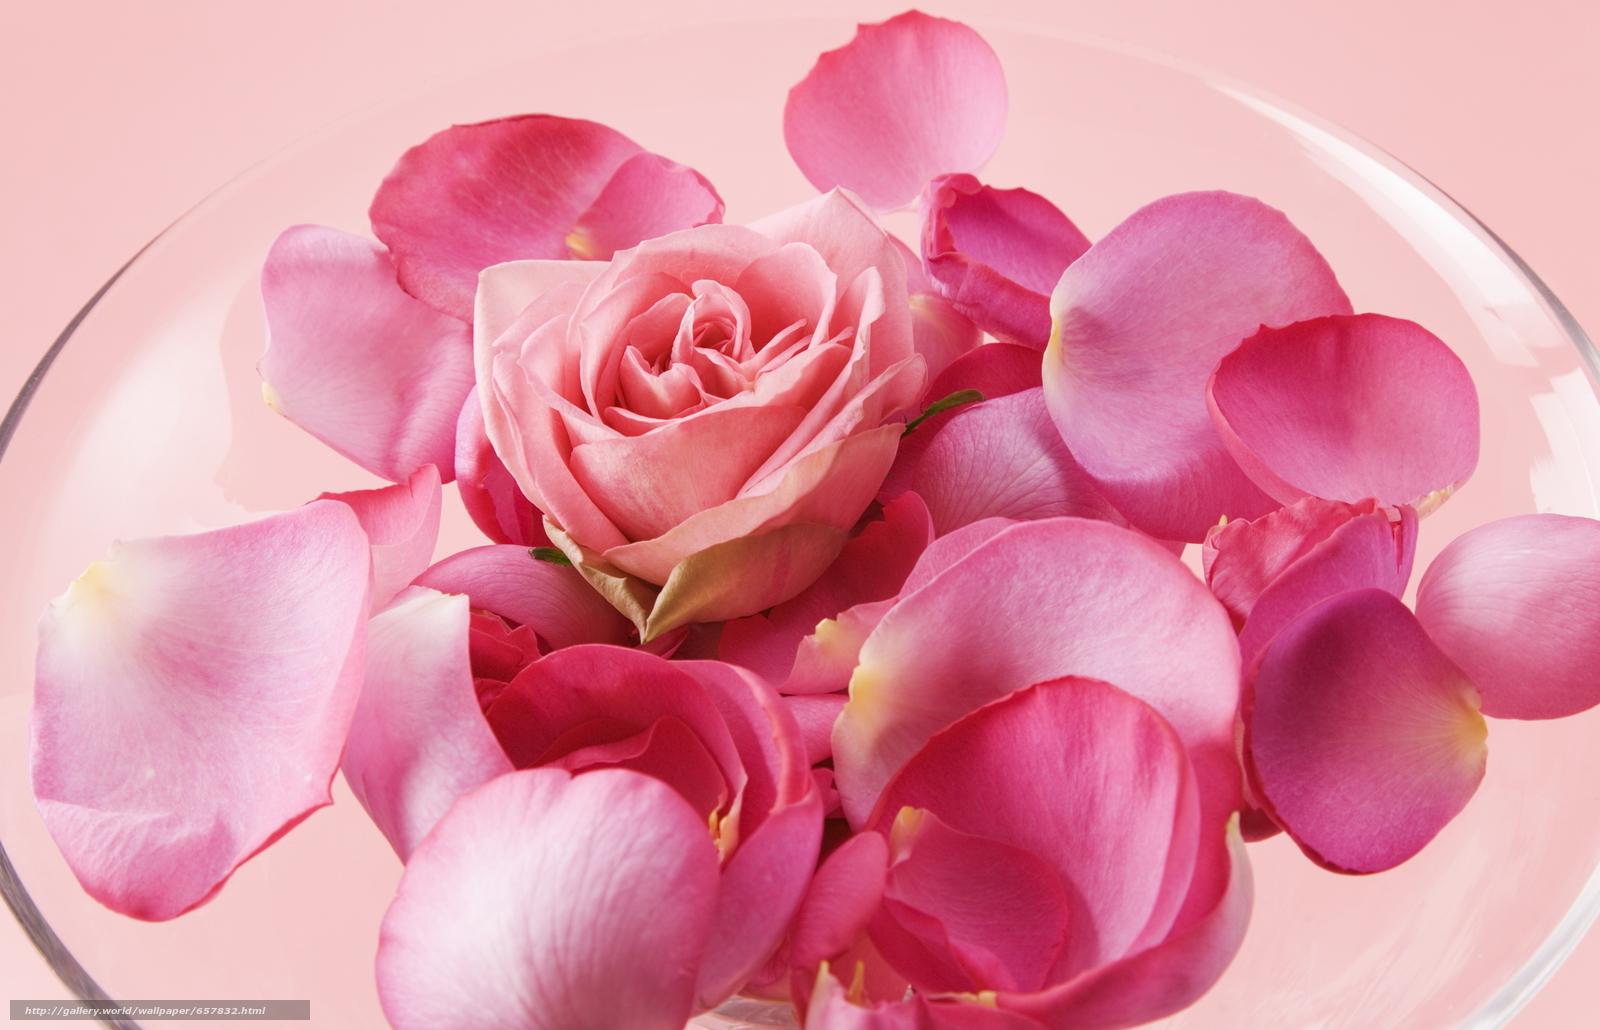 Скачать обои цветы,  цветок,  роза,  розы бесплатно для рабочего стола в разрешении 2950x1899 — картинка №657832